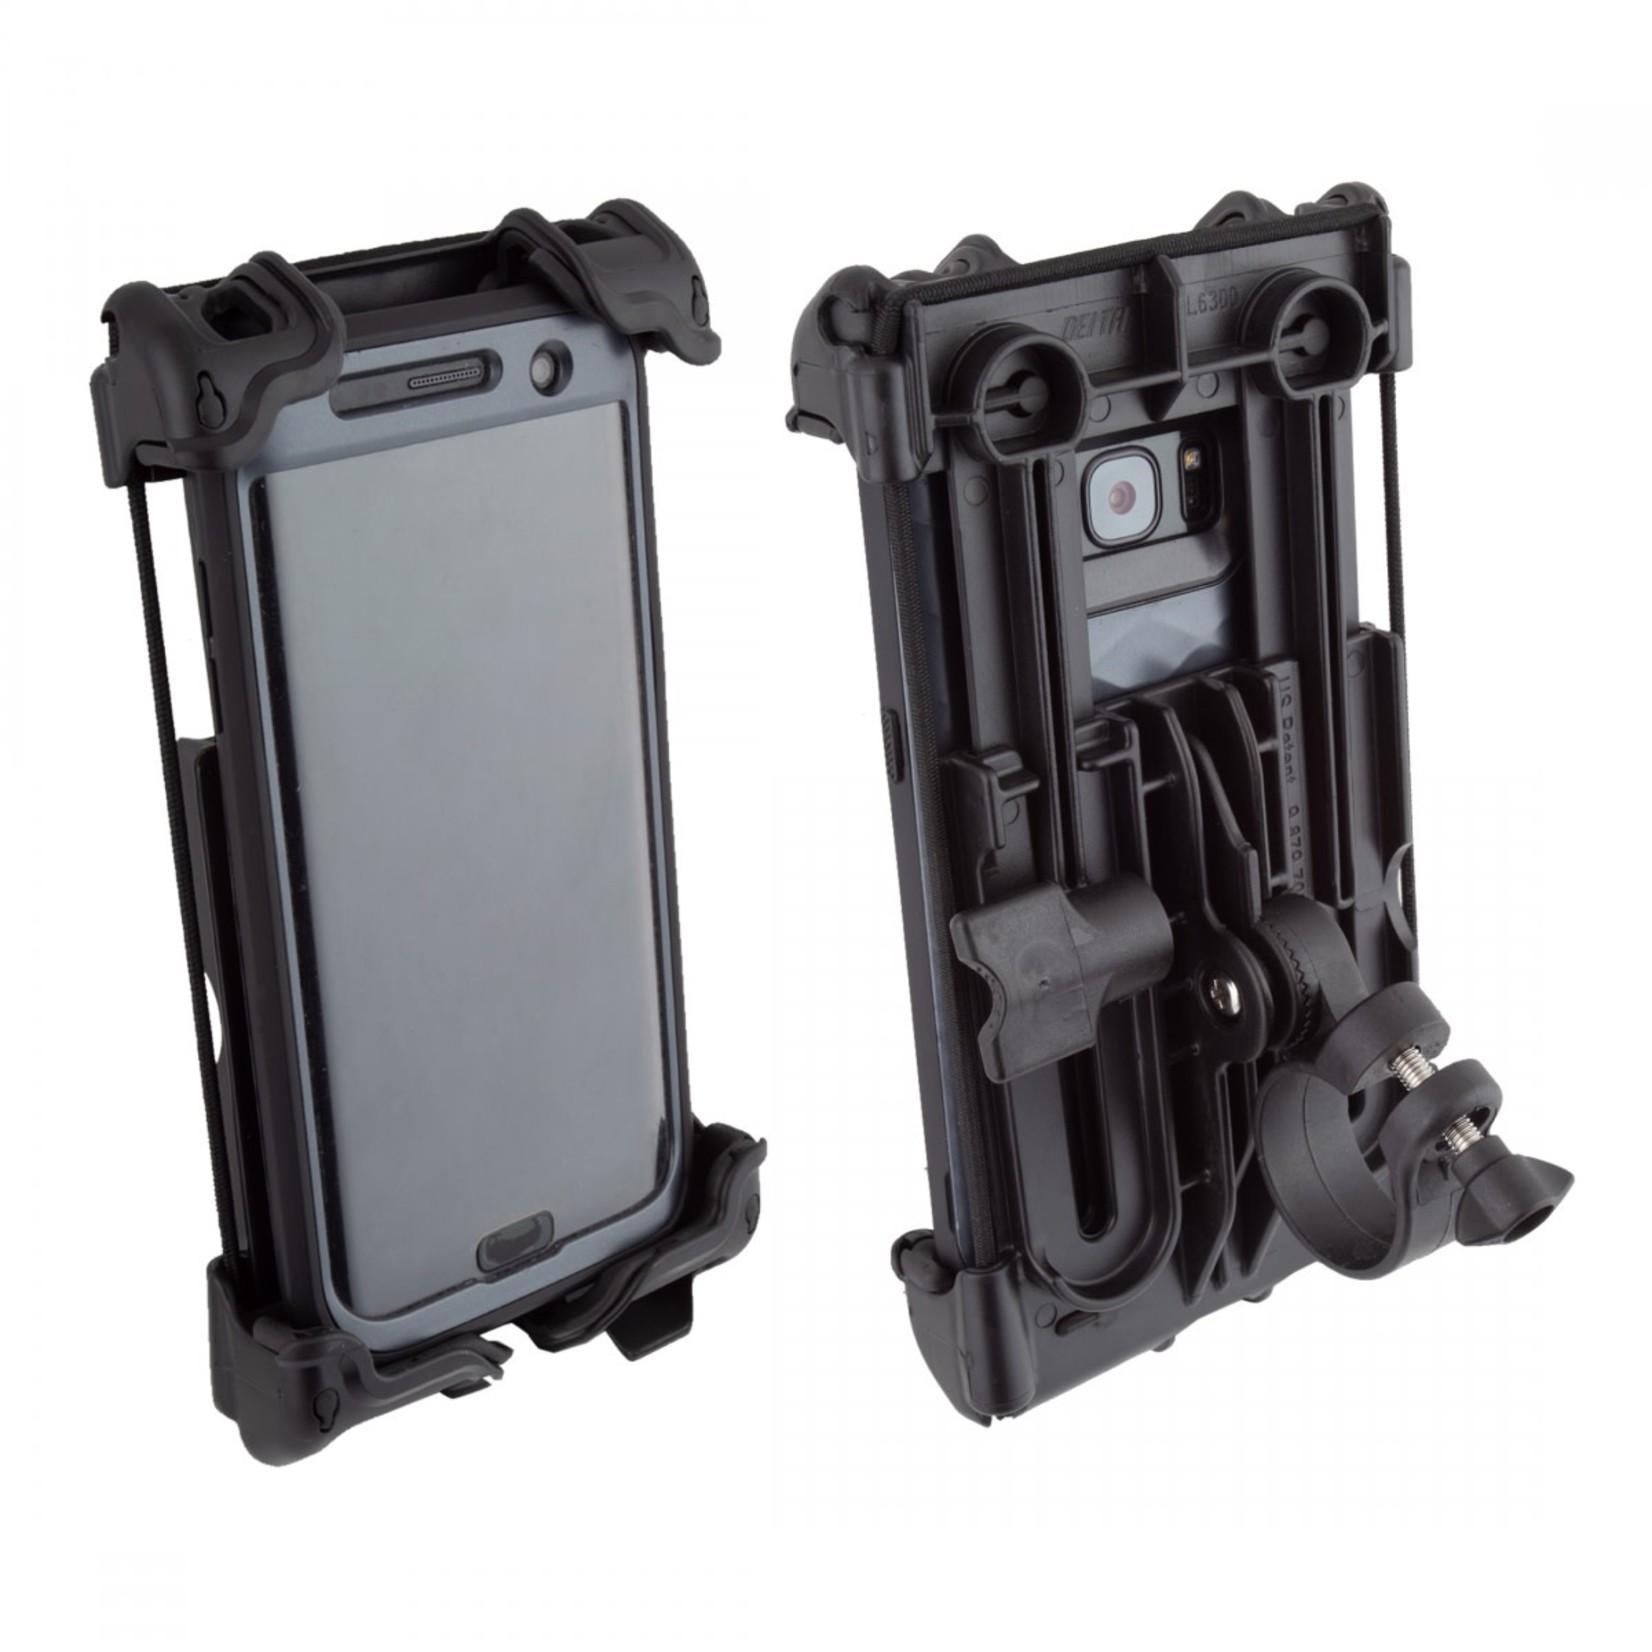 Handlebar Mount Delta Smart Phone Holder Hefty Plus Black HL6300JB